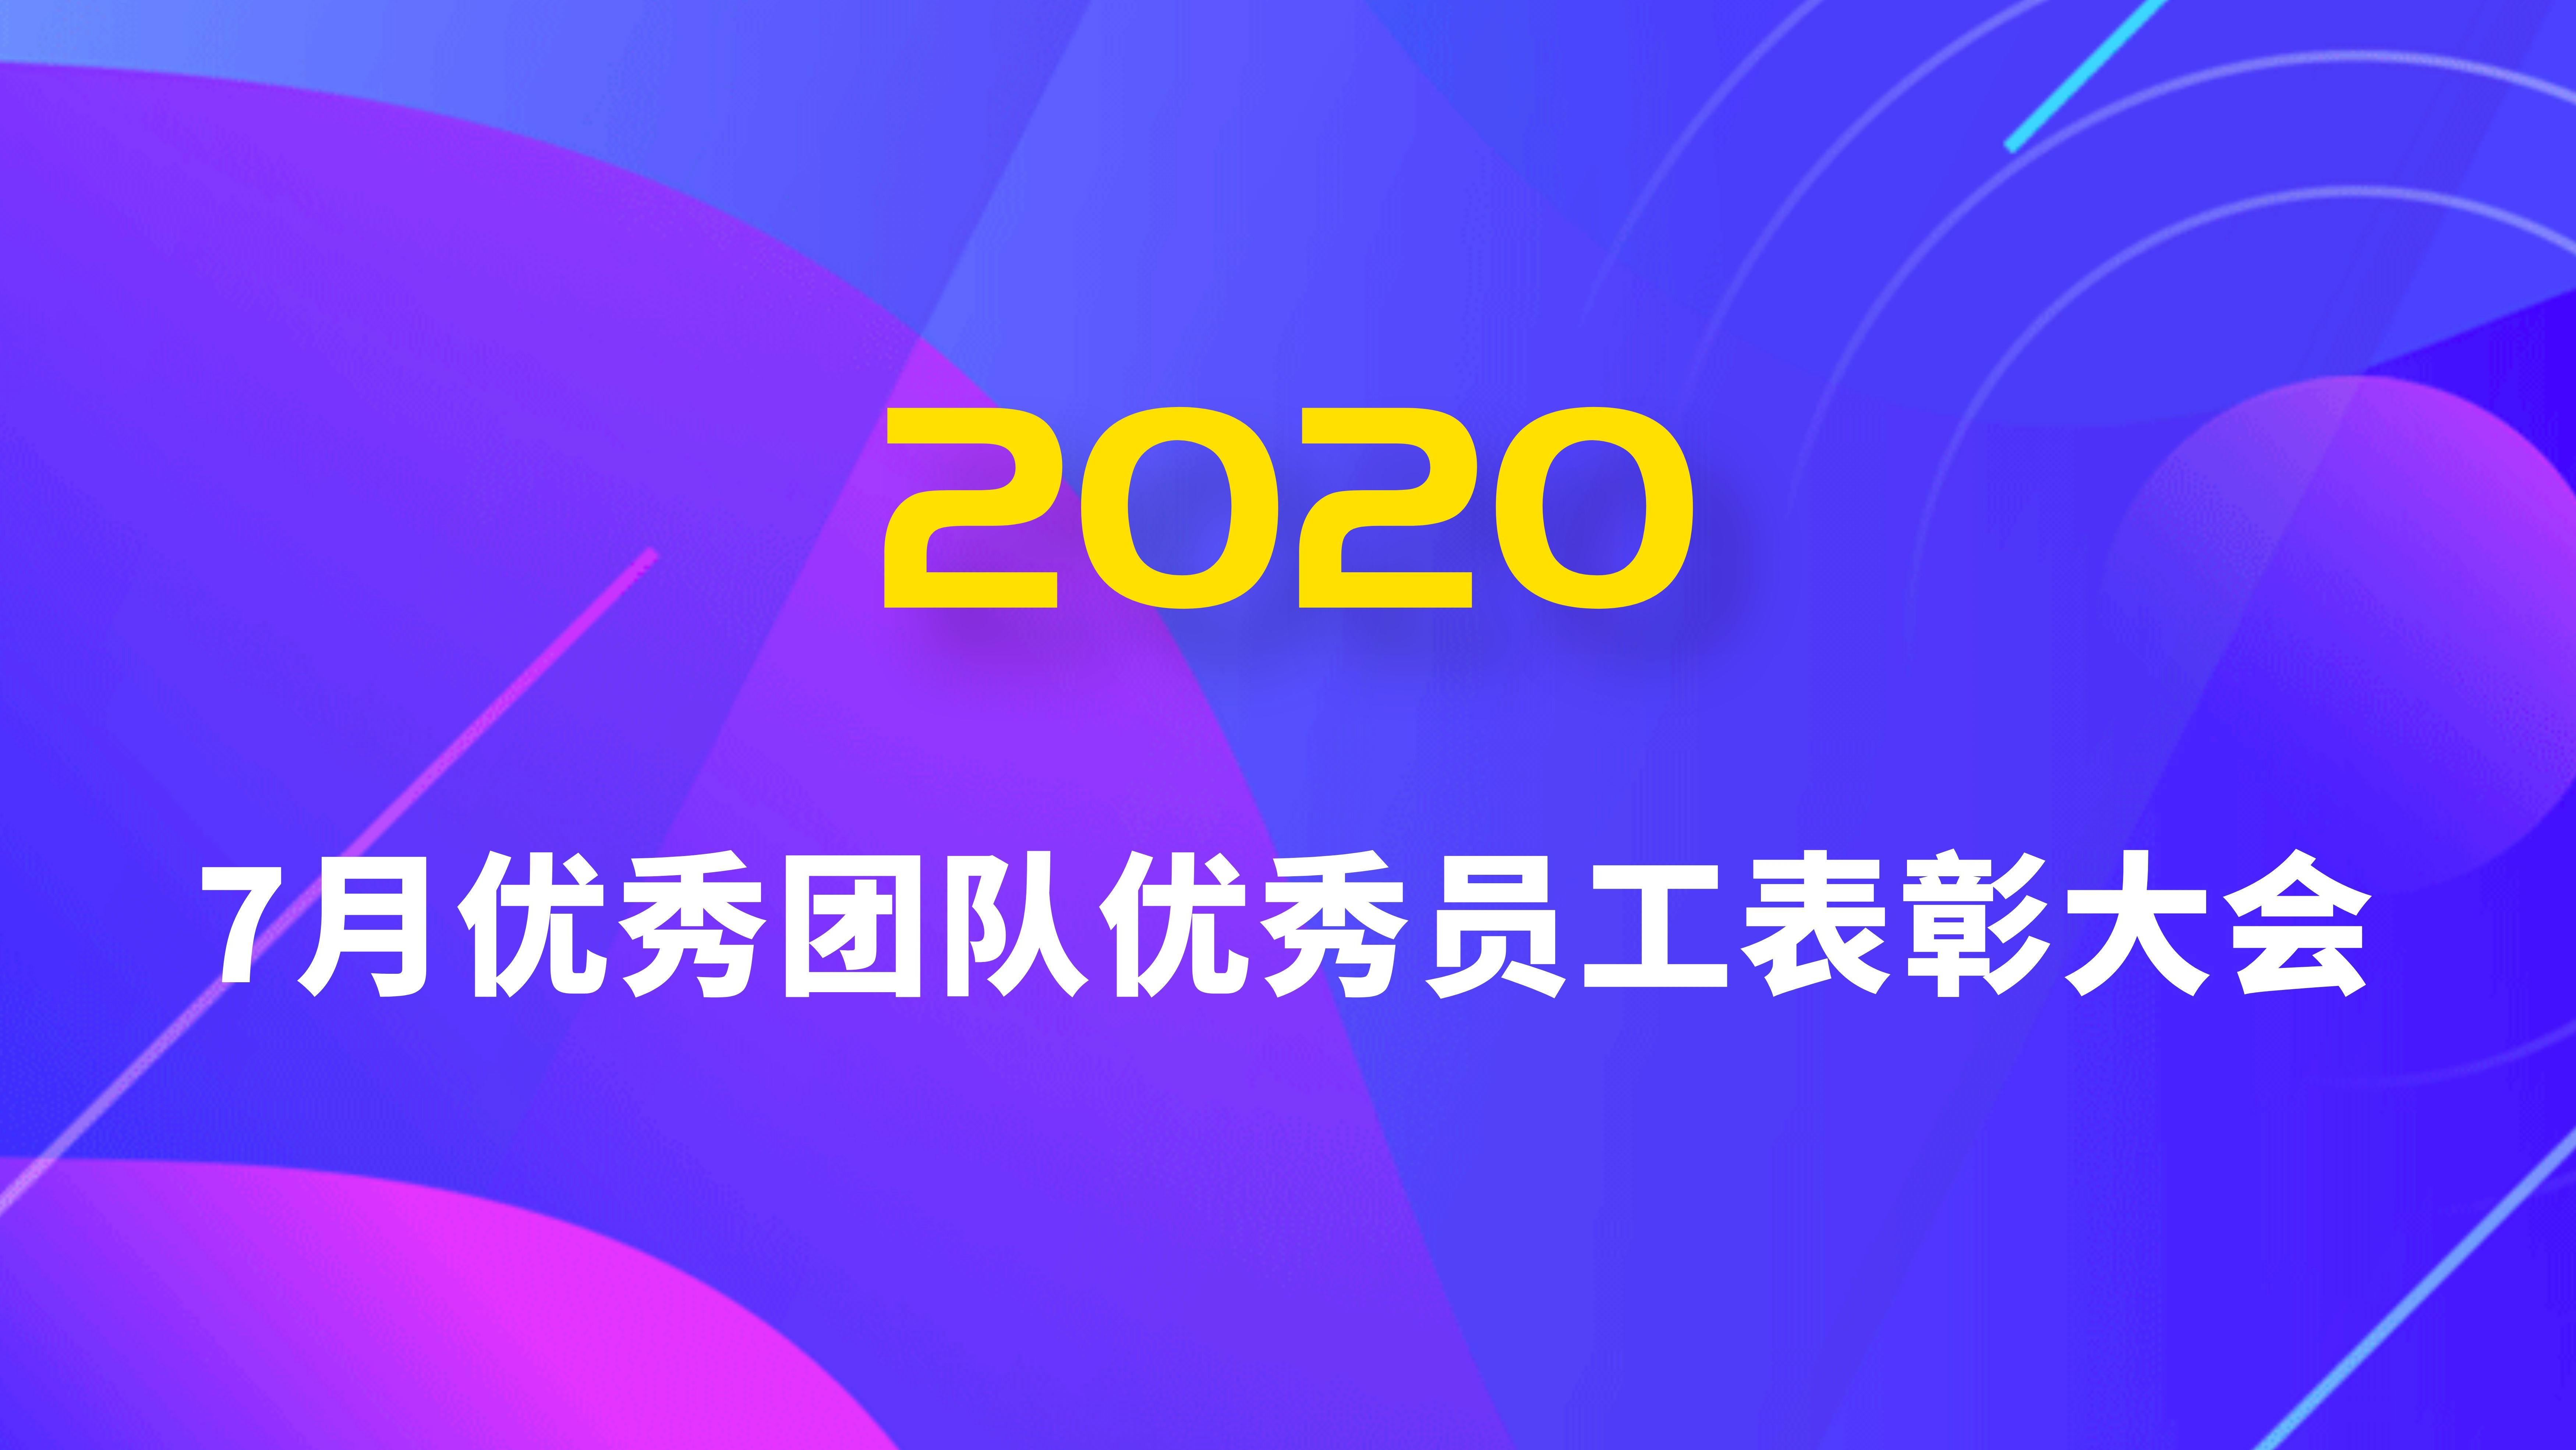 正明集团召开2020年7月份月度优秀员工/团队表彰大会